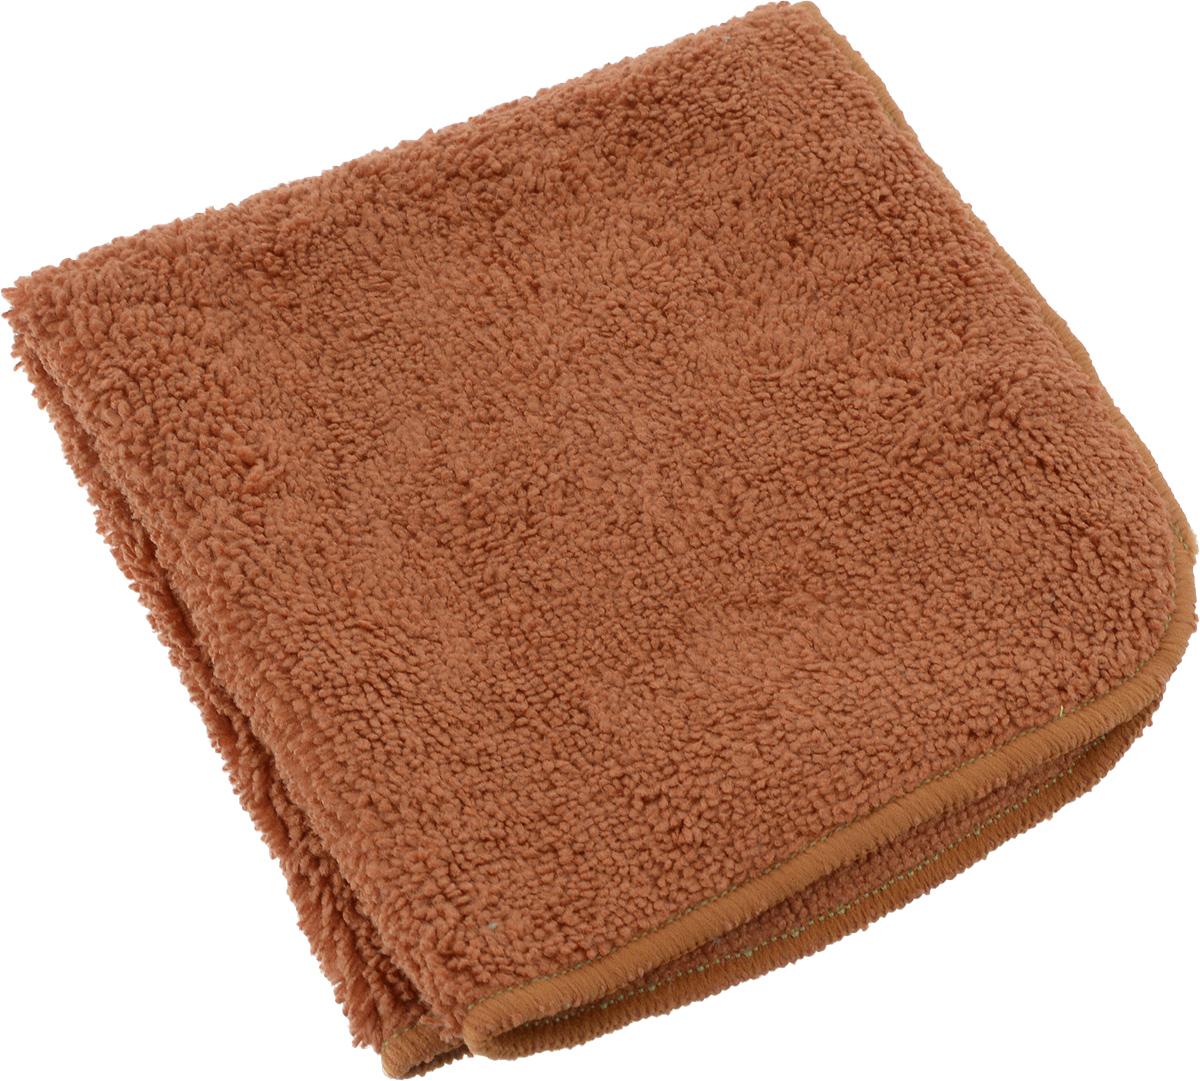 Салфетка для уборки Meule, универсальная, цвет: коричневый, 30 х 30 см4607009241203_коричневыйМягкая салфетка Meule повышенной плотности позволяет убирать весь дом. Она выполнена из микрофибры и полиамида. У салфетки двусторонняя структура с хорошо выраженными ворсинками с одной стороны и удлиненным ворсом с другой, что делает ее идеальным продуктом высочайшего качества для ухода за абсолютно любыми типами полов, мебели, стеклянными и зеркальными поверхностями.Впитывает влагу, полирует поверхности, удаляет загрязнения и пыль.Можно использовать как с моющими средствами, так и самостоятельно.Легко стирается, долговечна в использовании.